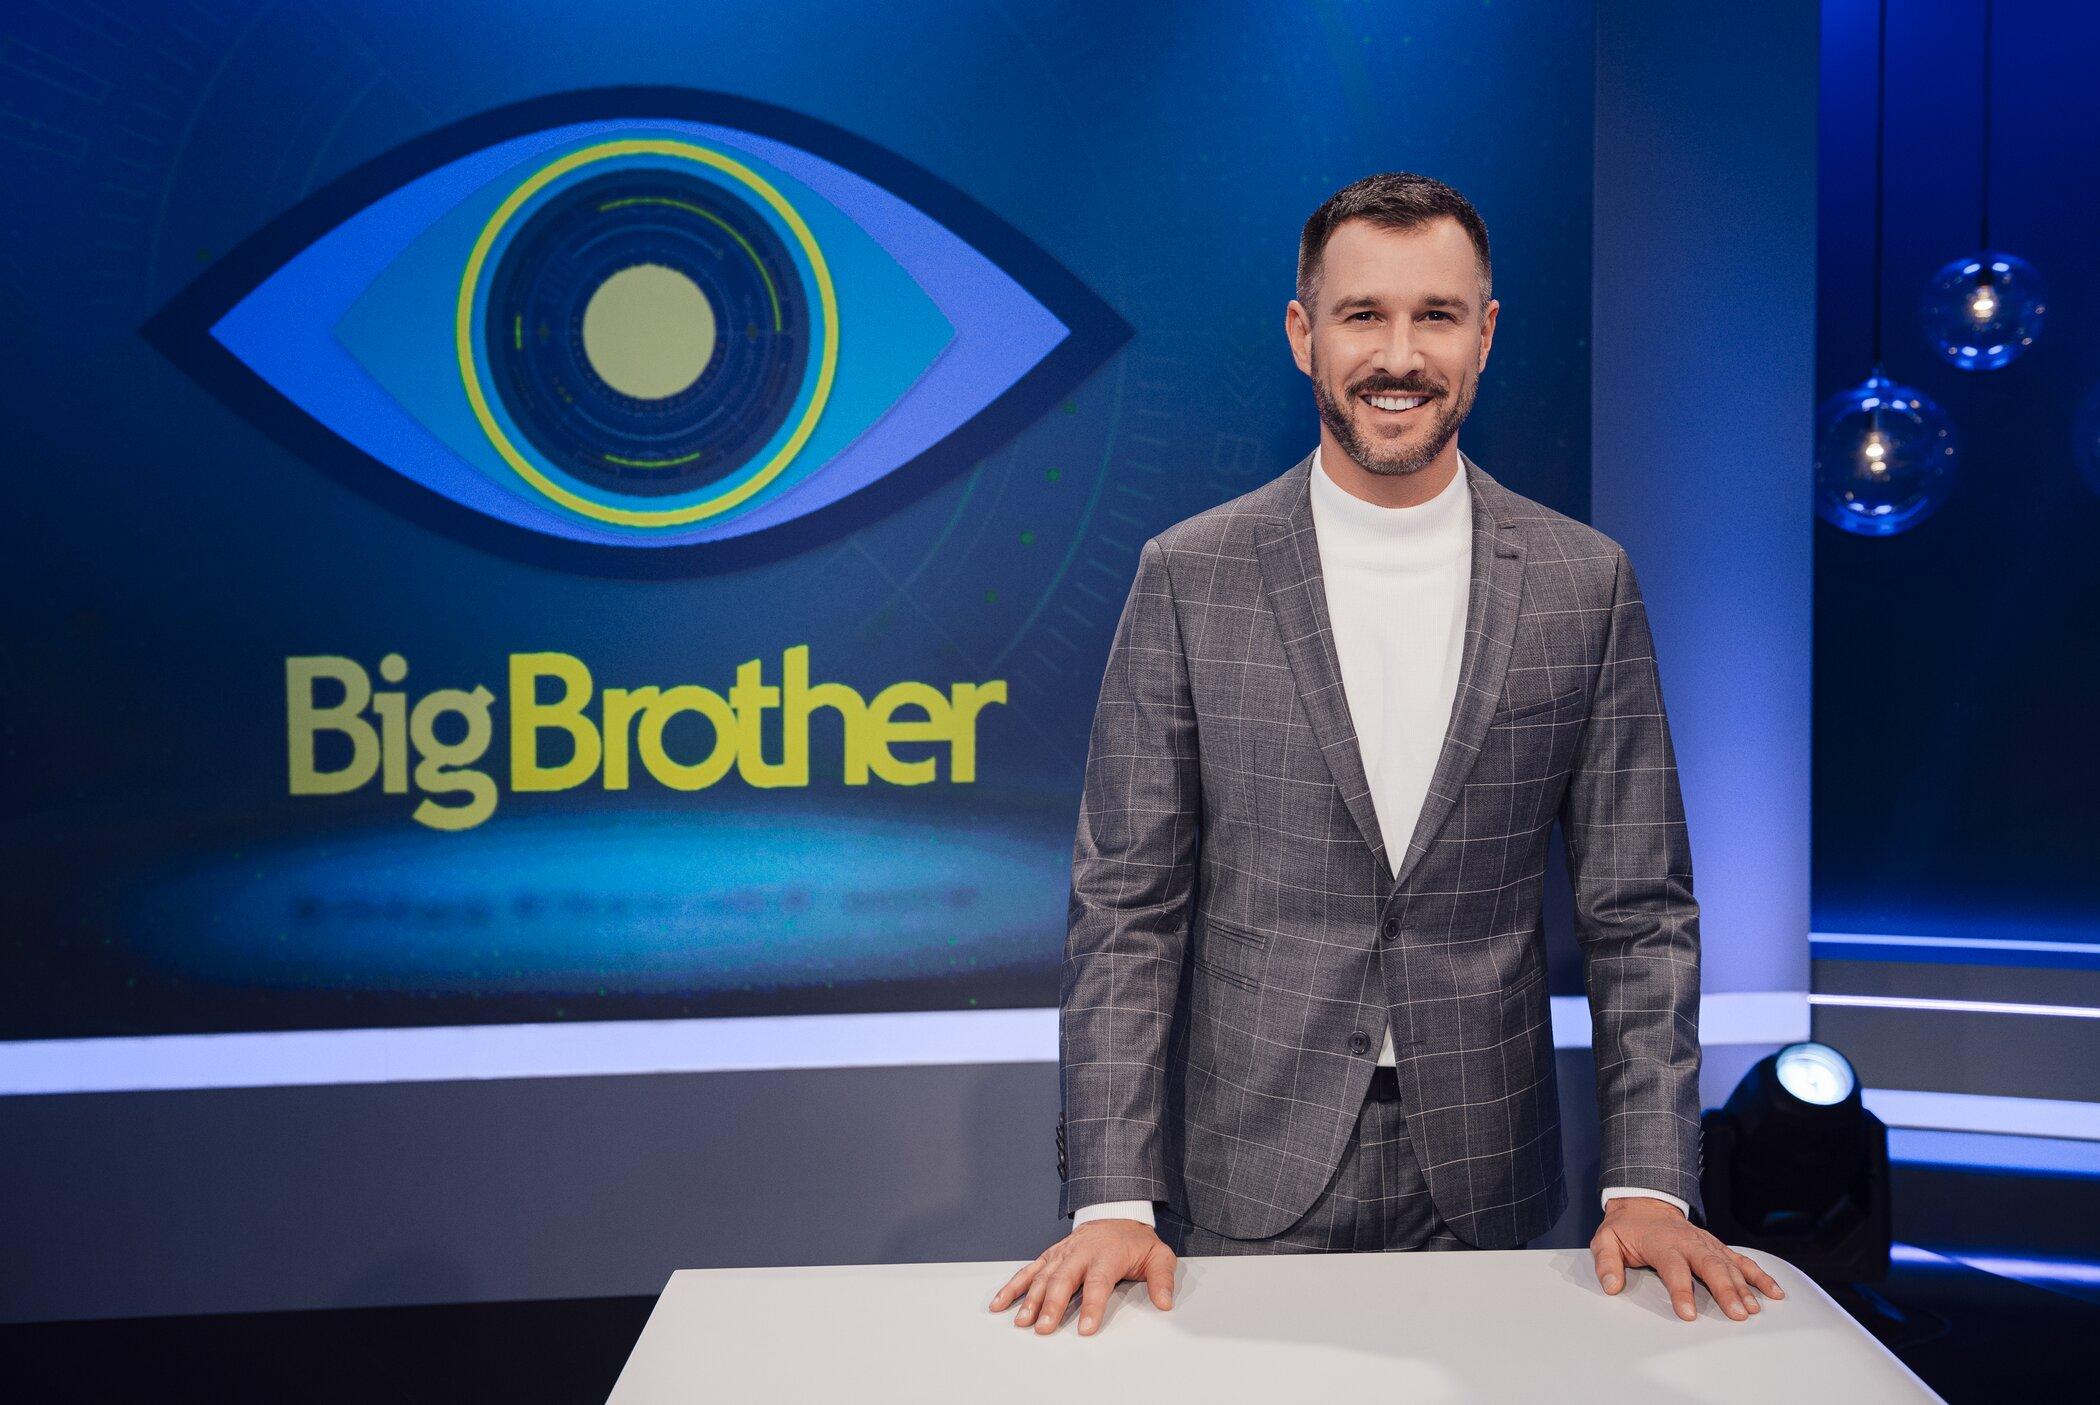 Big Brother 2020 Sendezeiten Entscheidung